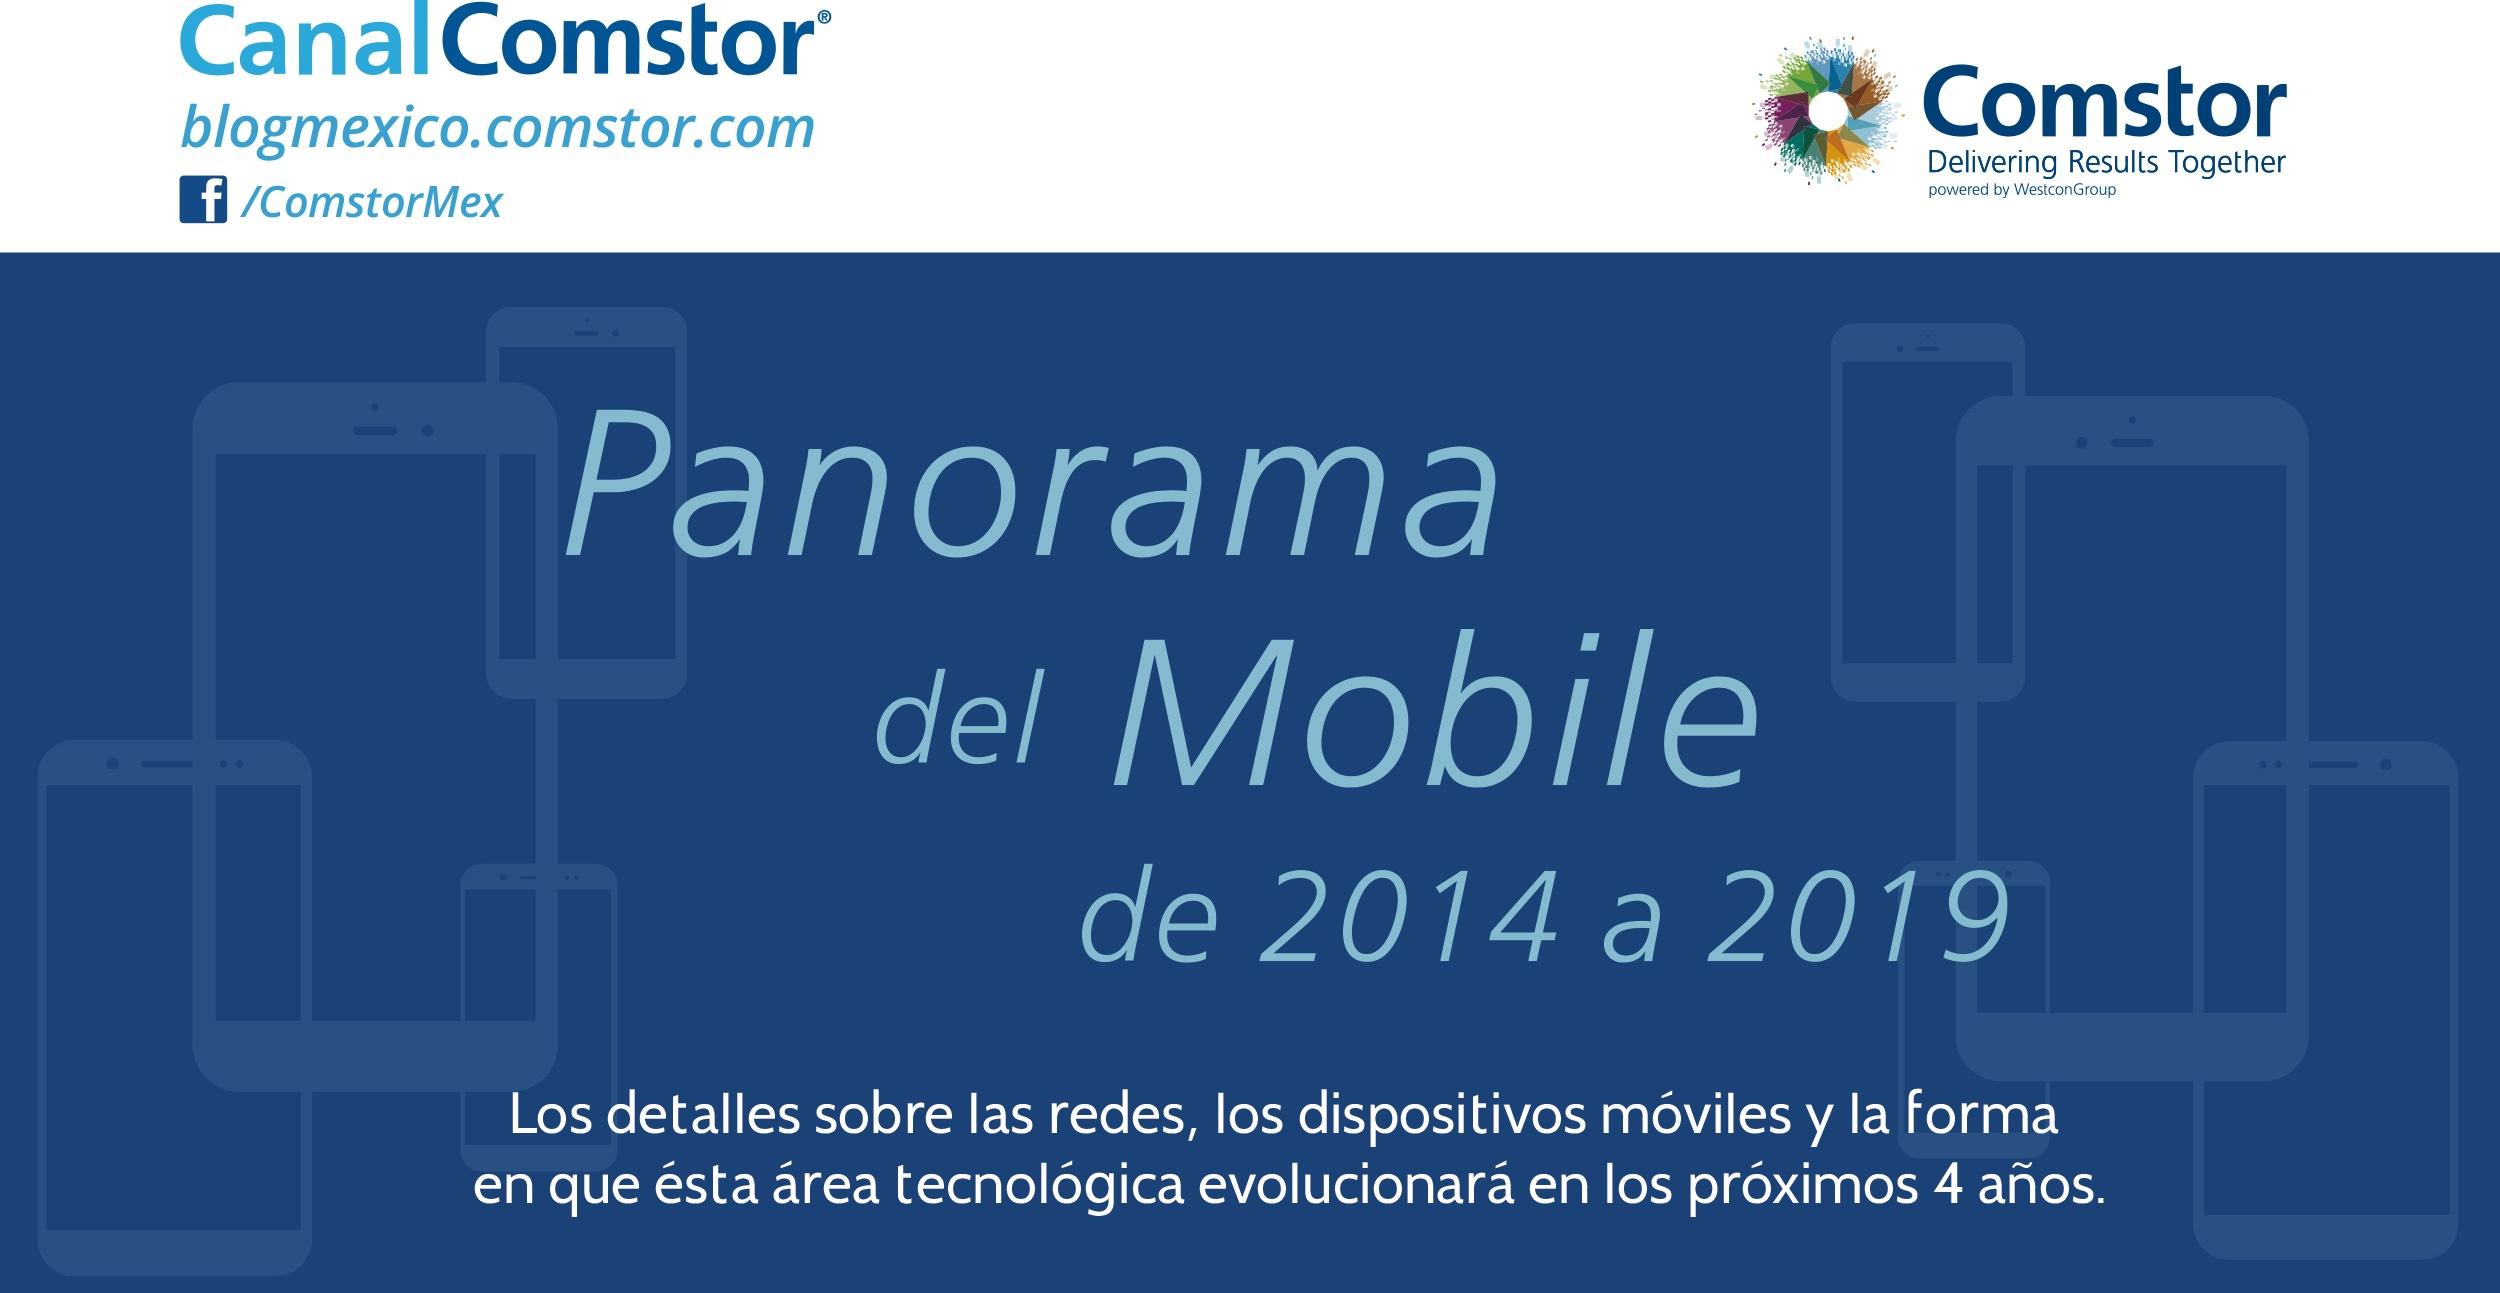 Panorama del Mobile de 2014 a 2019